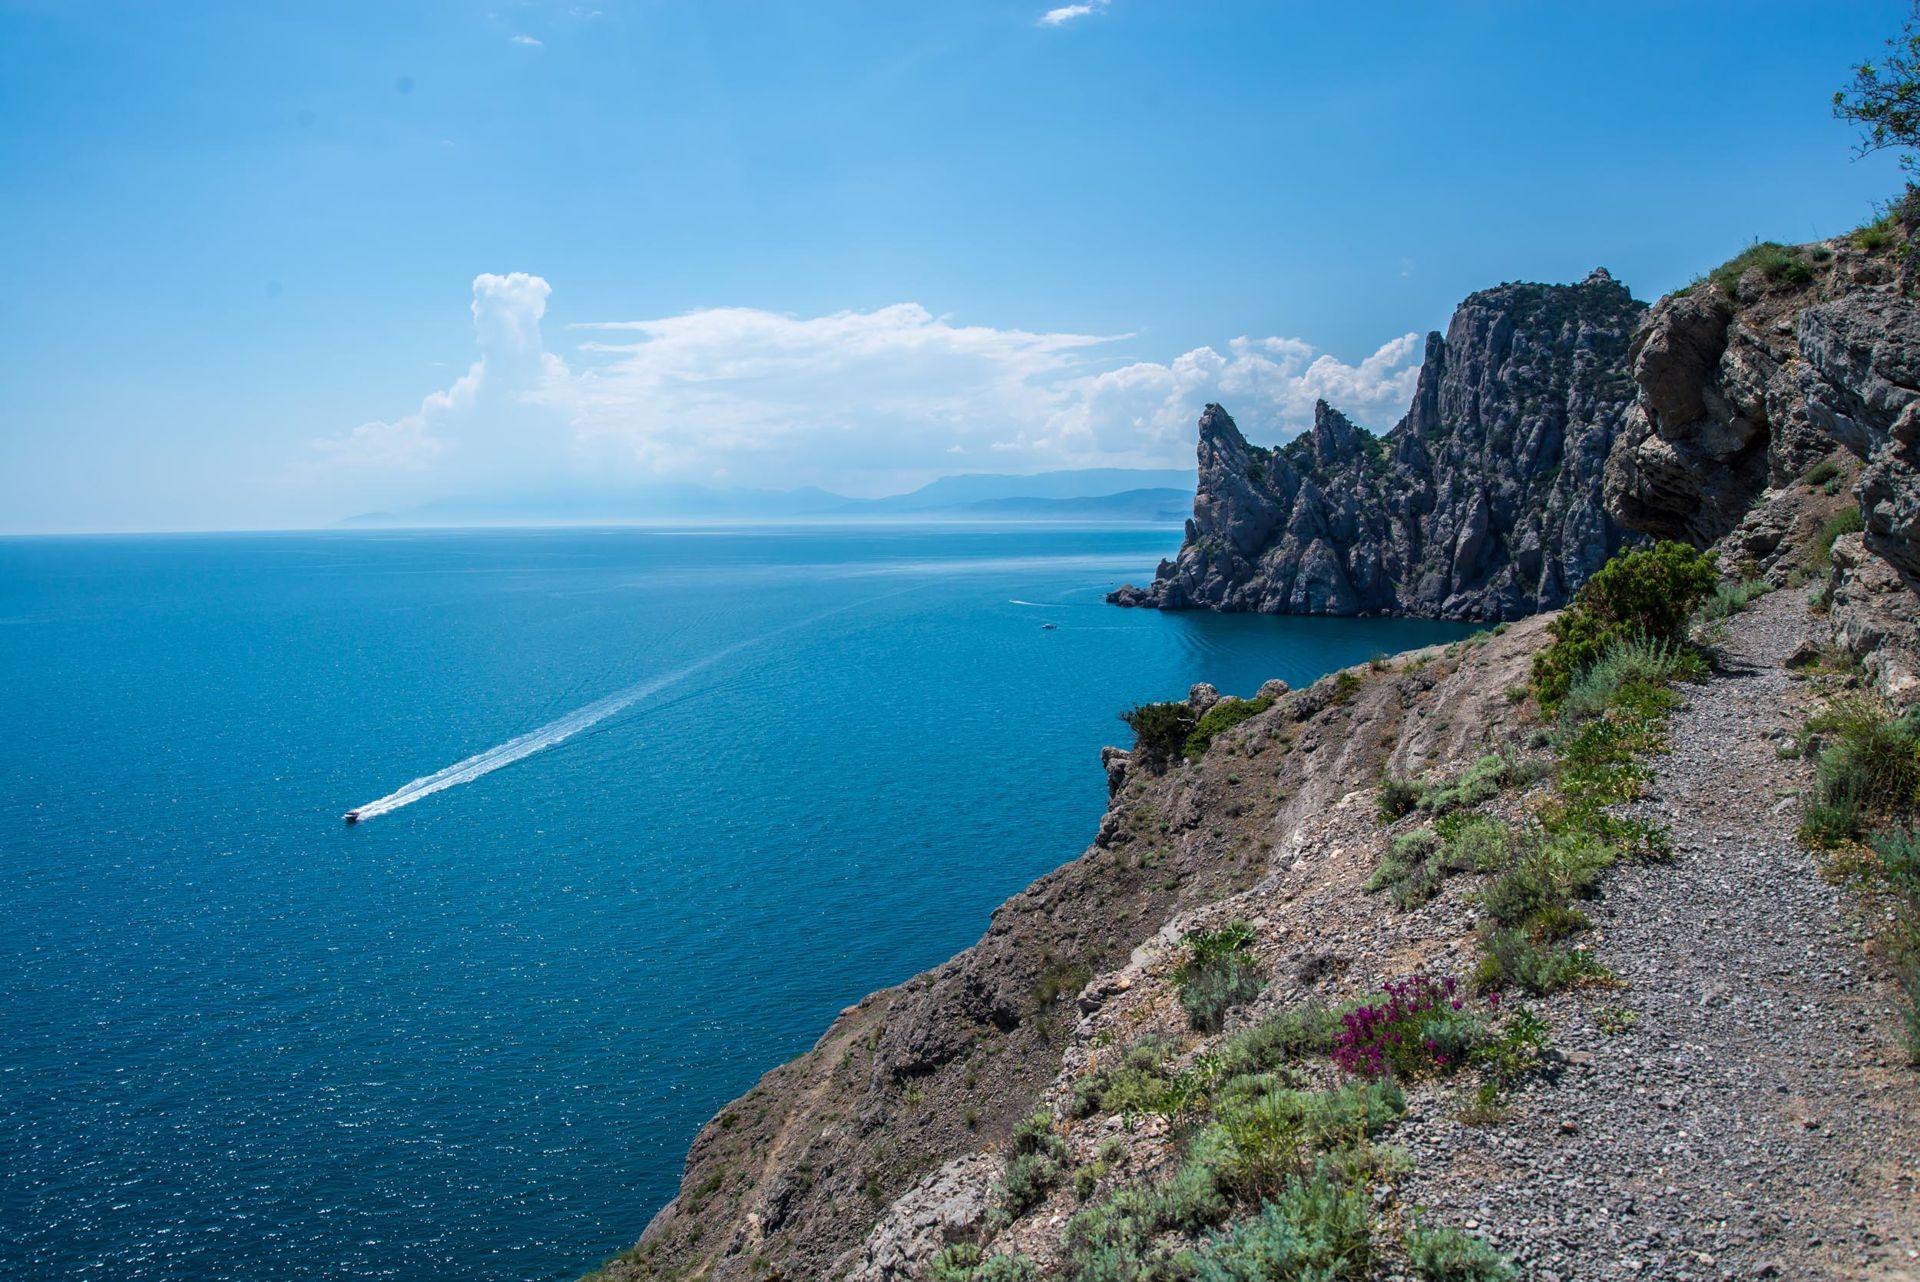 Панорама Крыма - автотуры от фирмы Одиссея